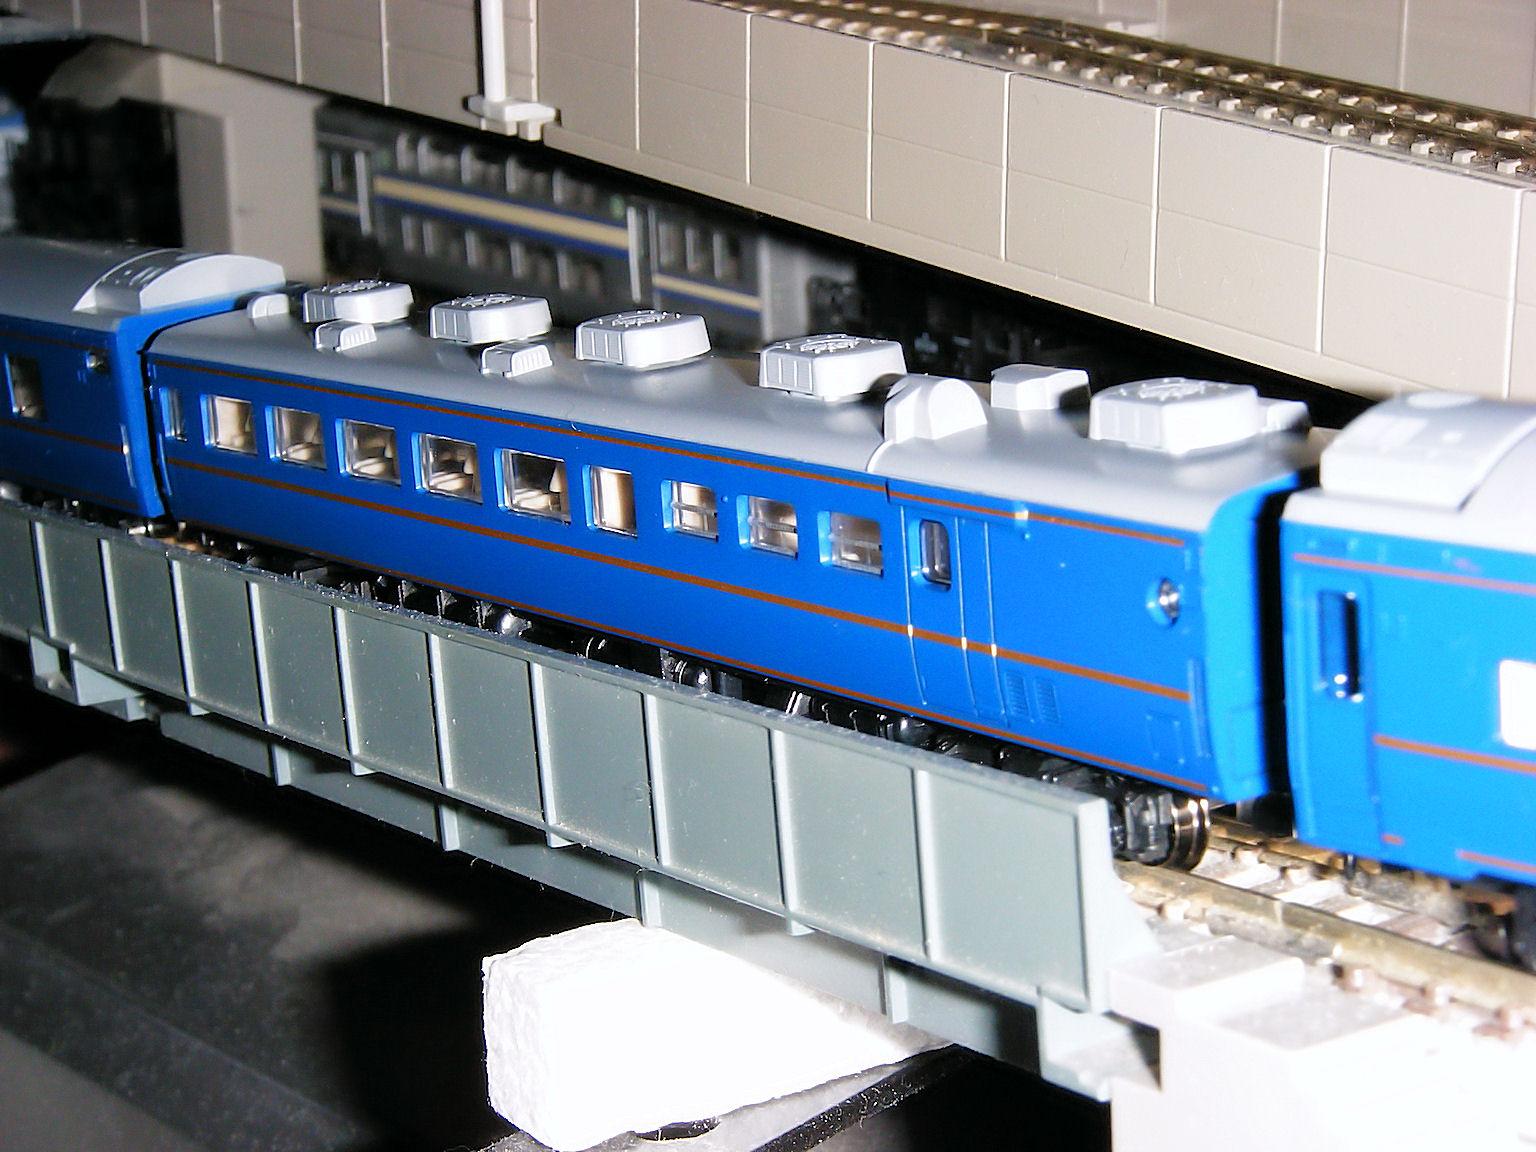 Dscf2541